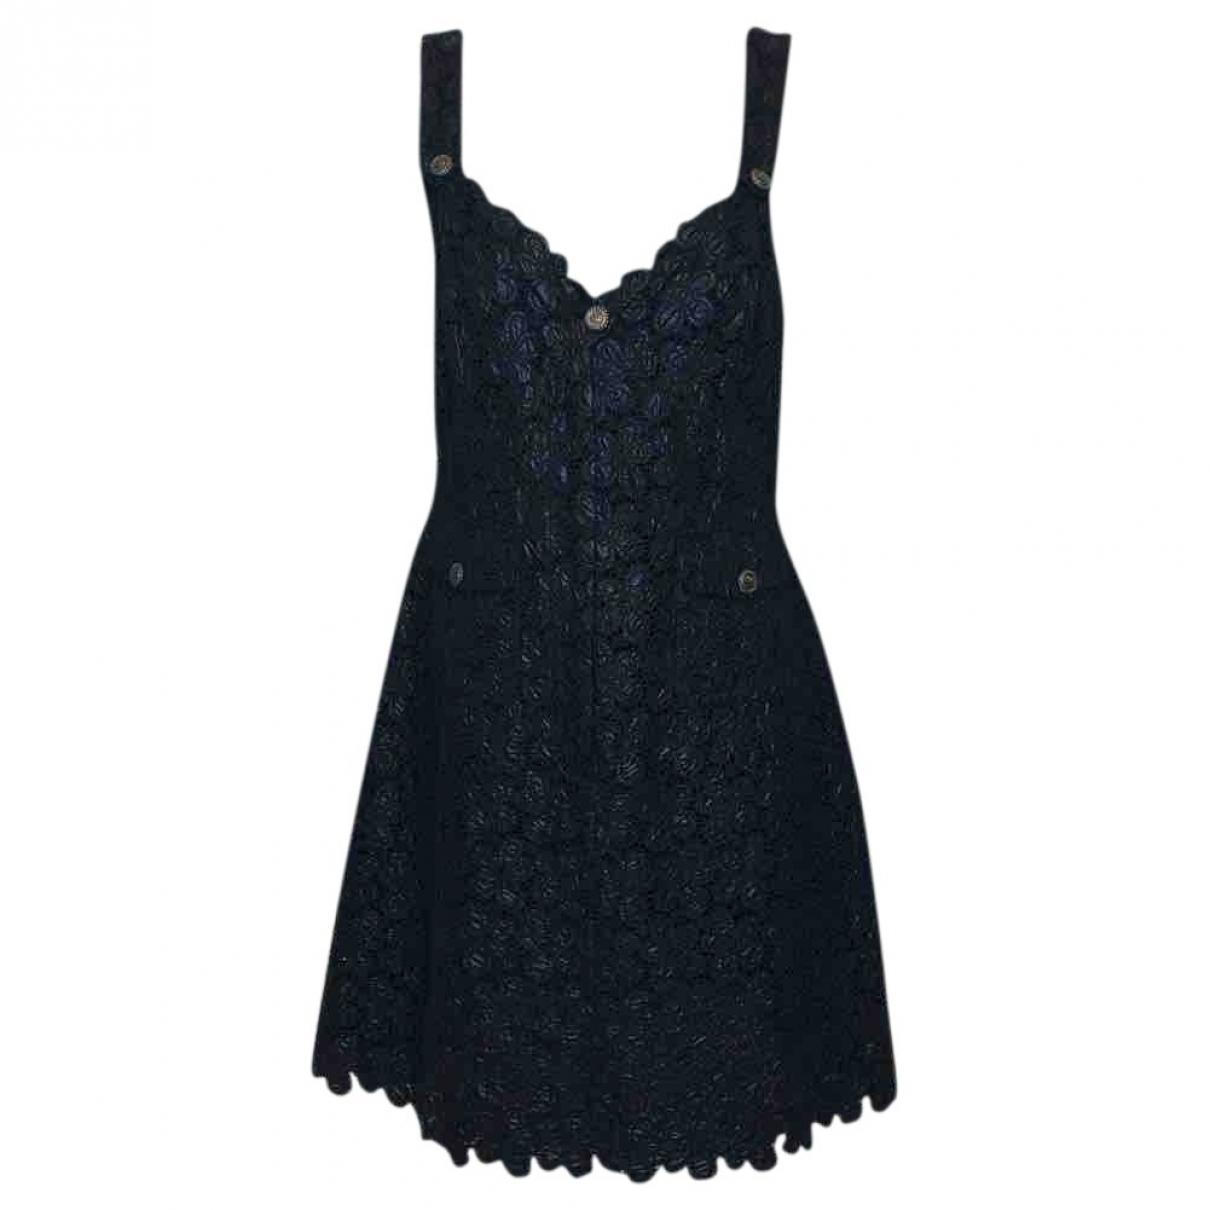 Chanel \N Black dress for Women 40 FR